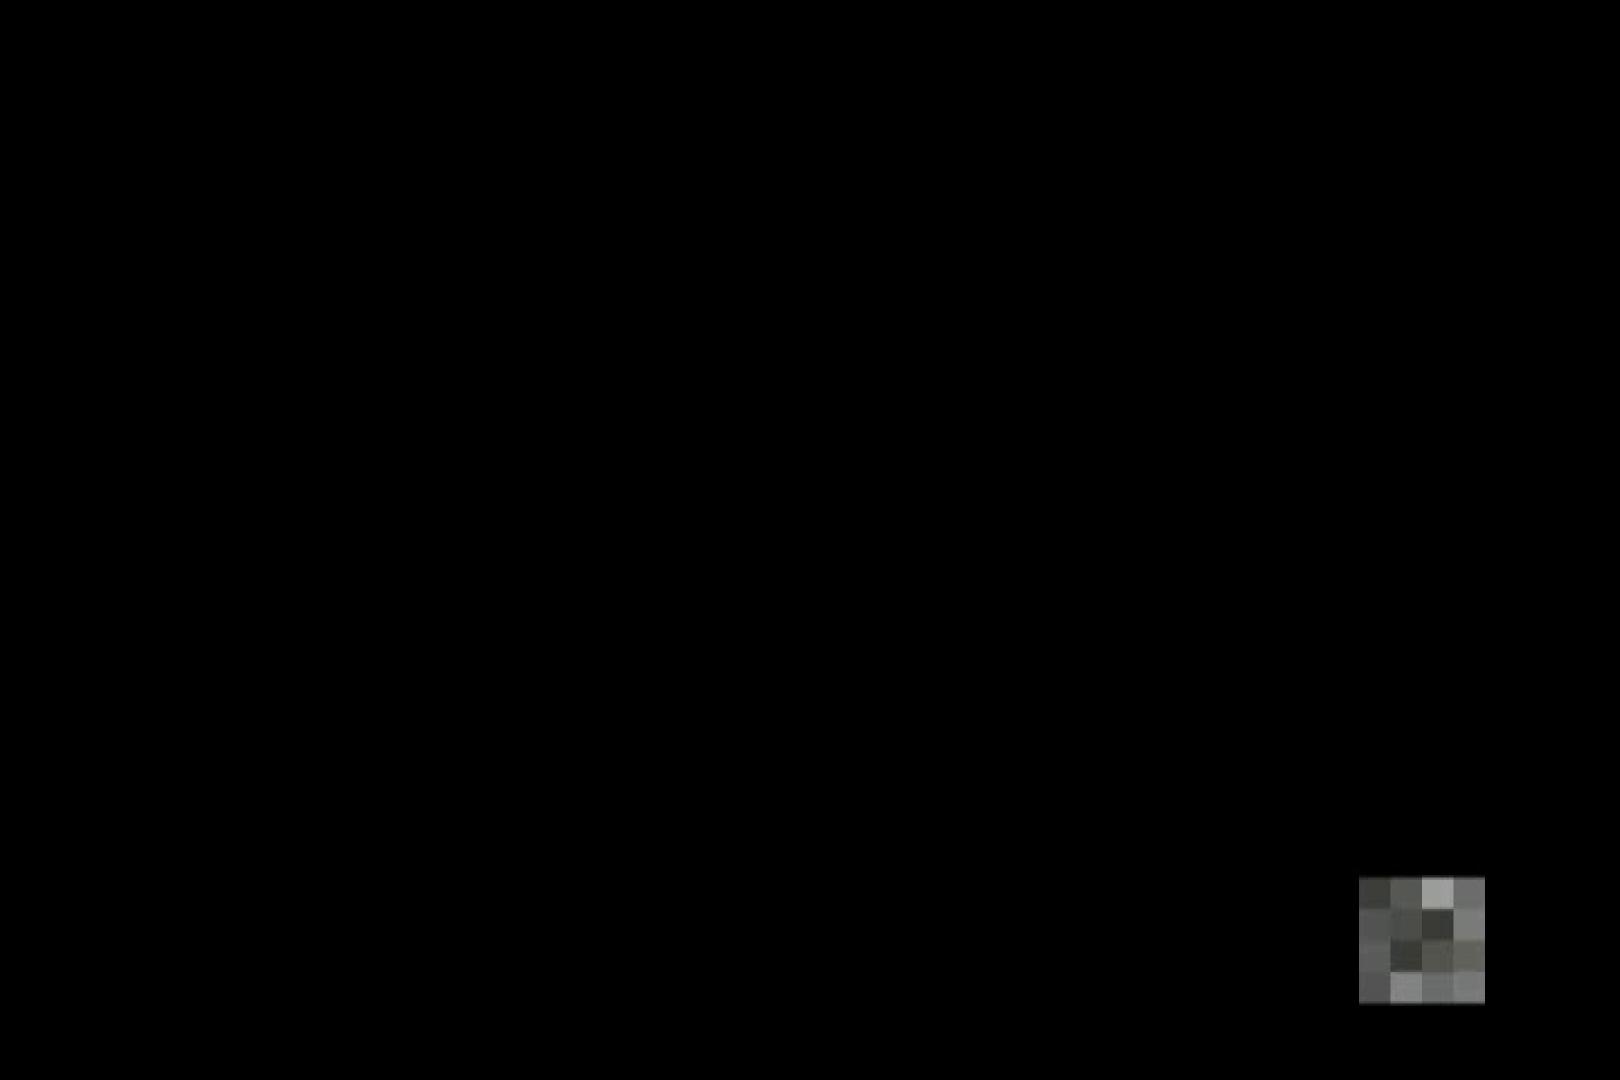 民家自慰マニアVol.4 盗撮特集 オメコ無修正動画無料 107画像 74